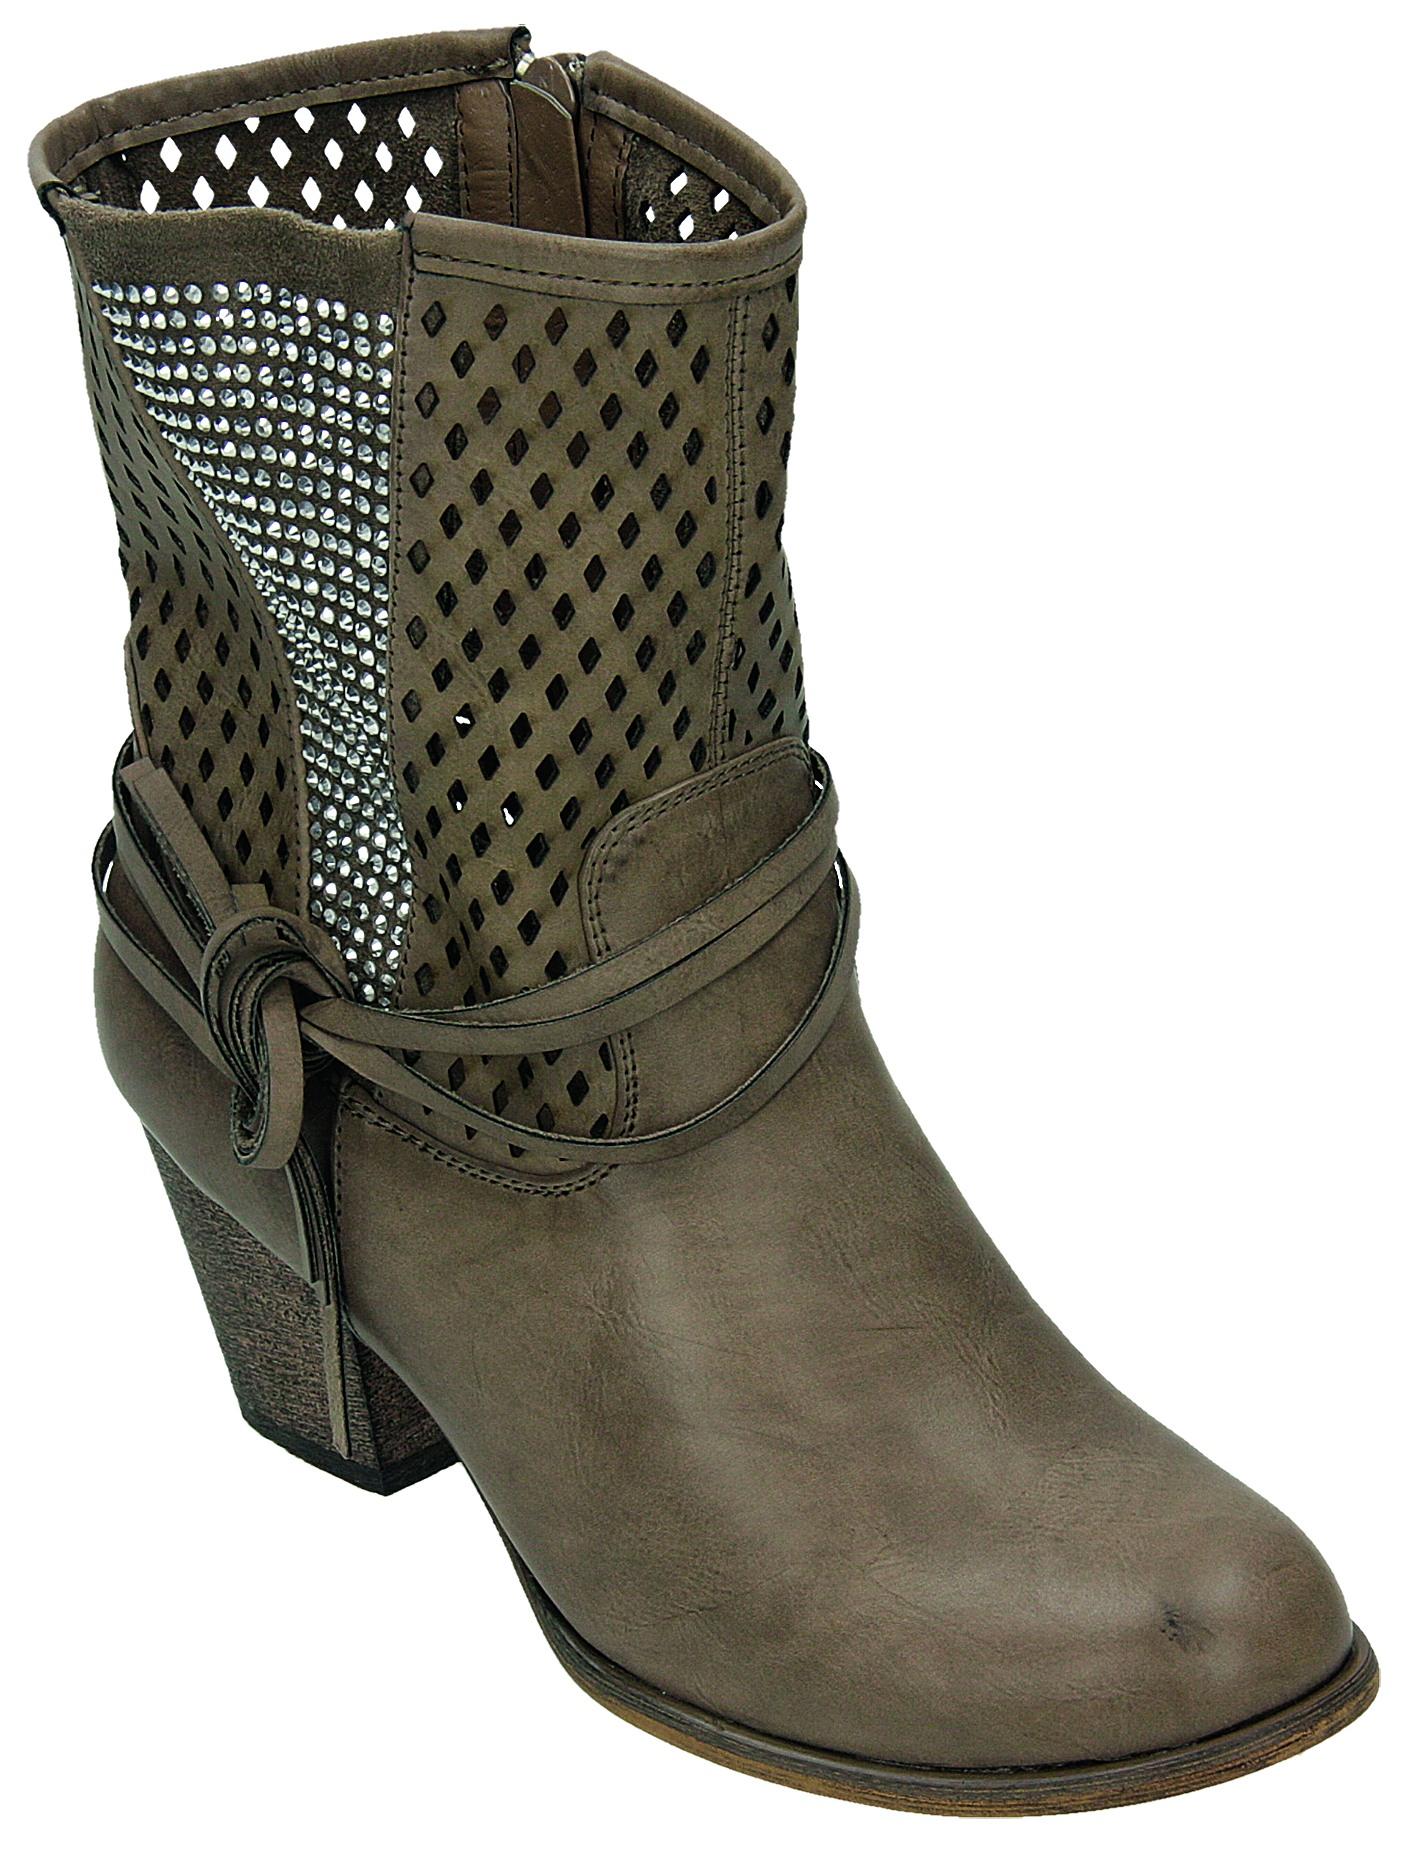 online store c6384 00f80 Details zu Conway Damen Stiefel/Stiefelette D.Sommerstiefel Grau LW136-17  GREY